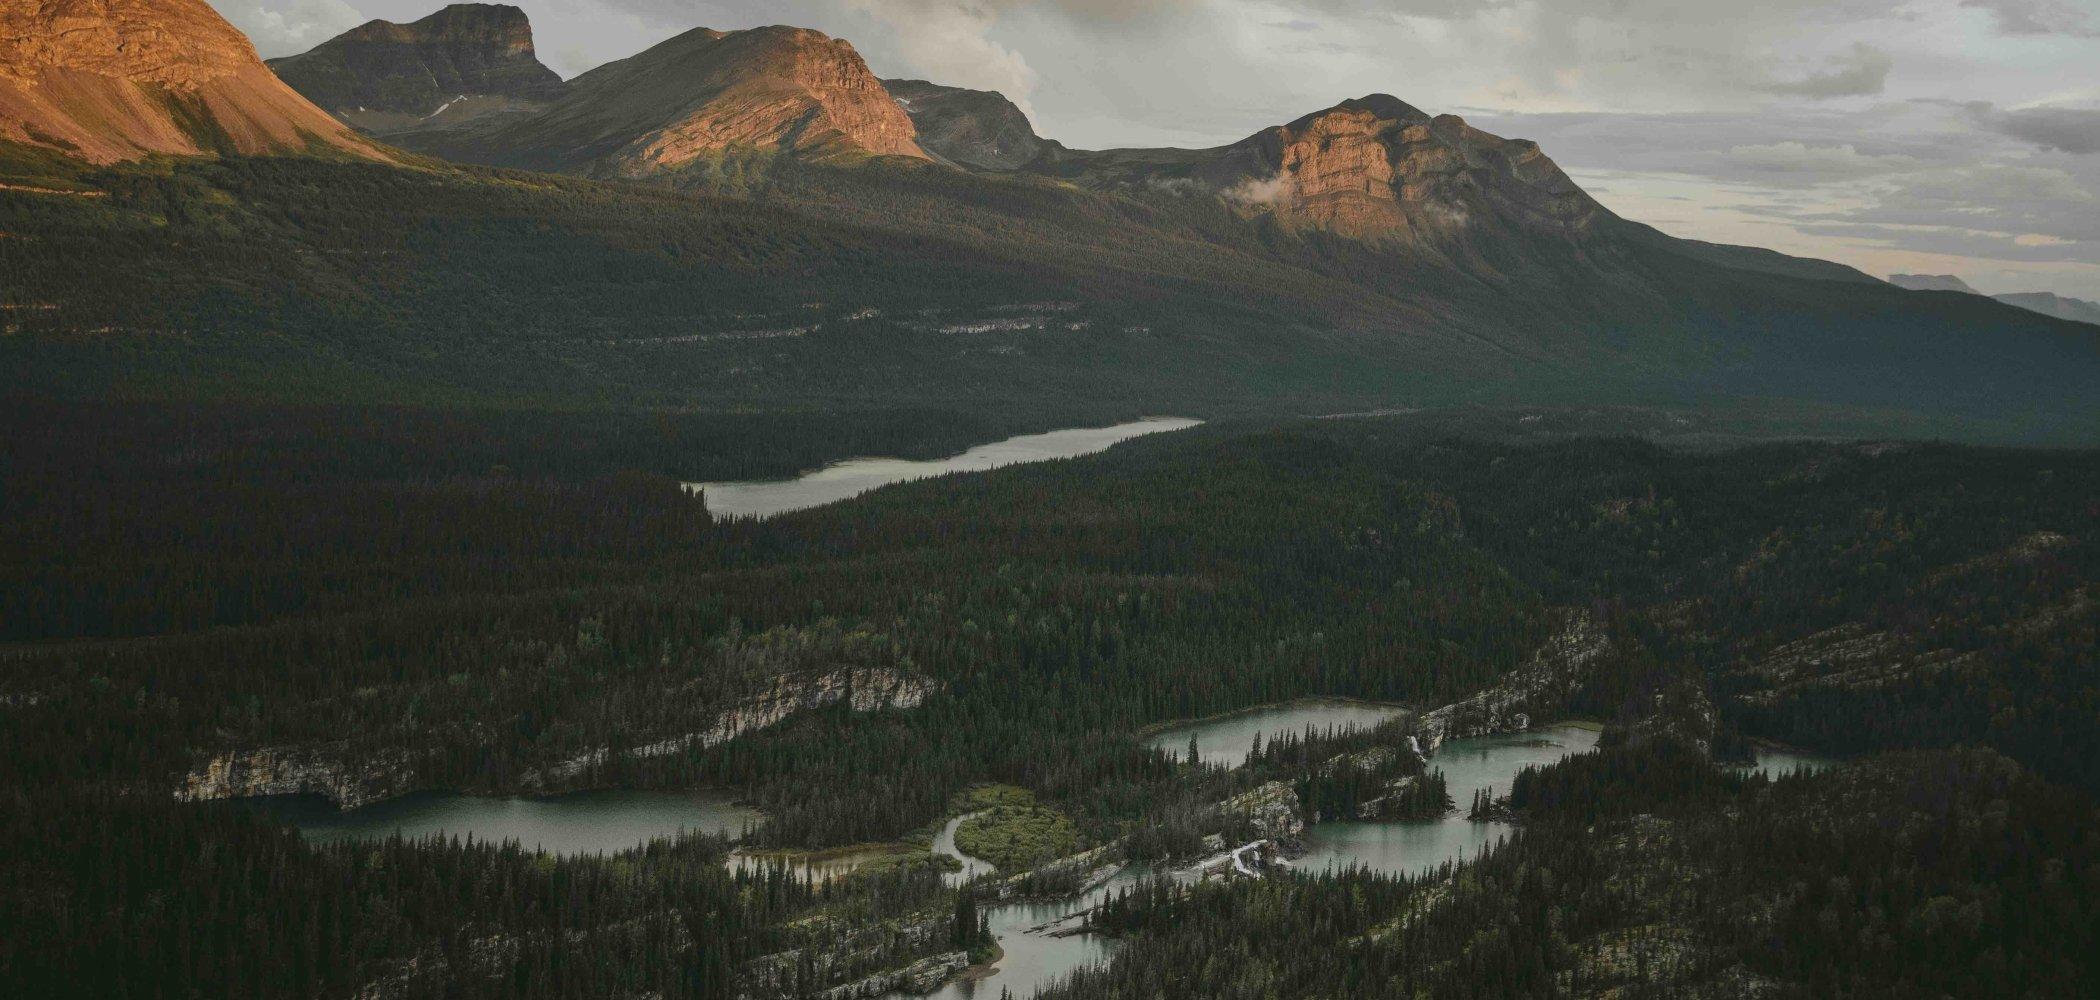 Northern Rockies & Alaska Highway in BC Canada